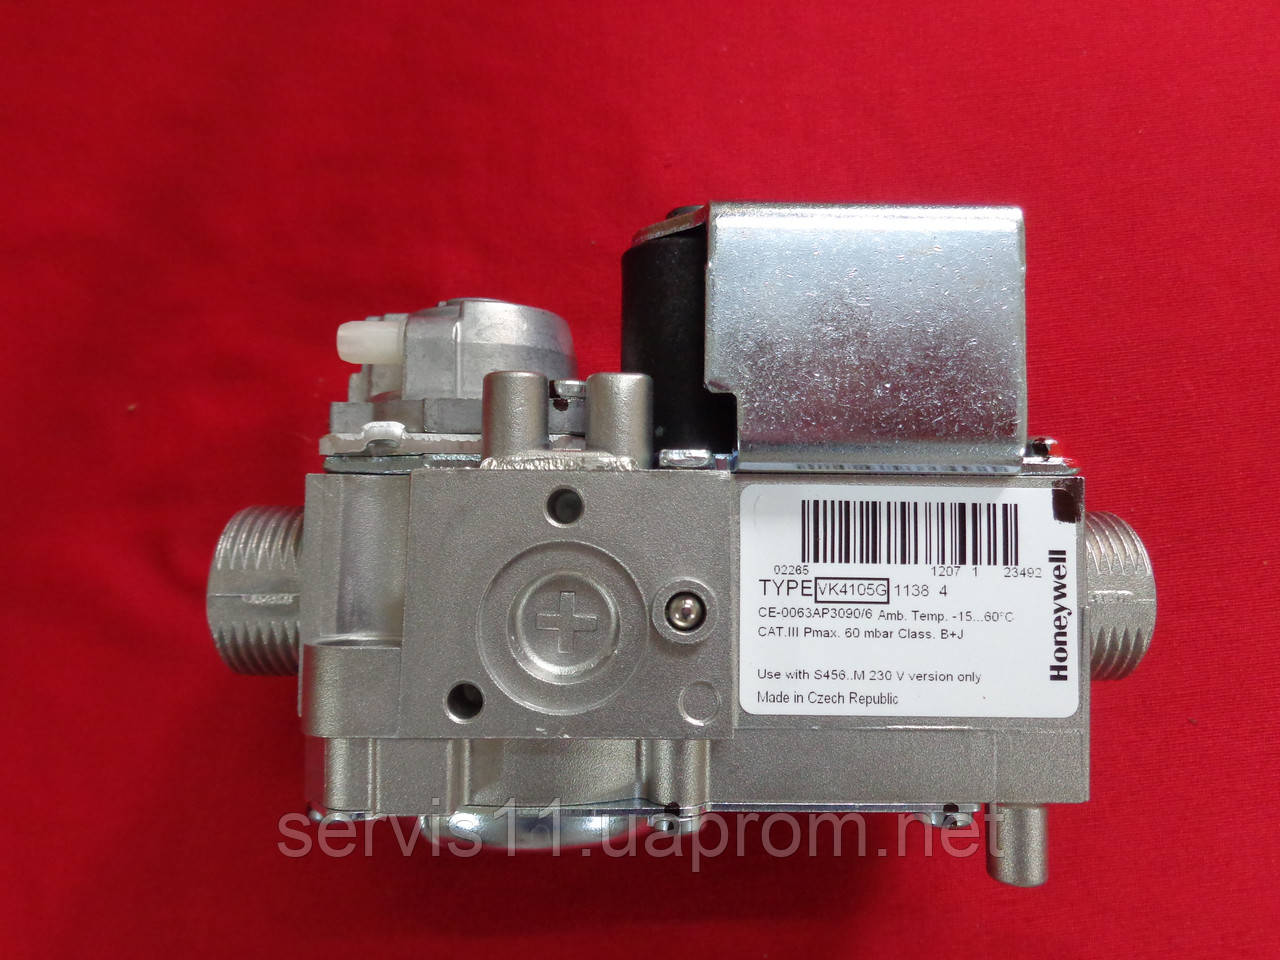 Газовый клапан VK4105G (1138 4) Honeywell Baxi, Westen Mainfour, Quasar D, Junkers (Юнкерс), Bosch